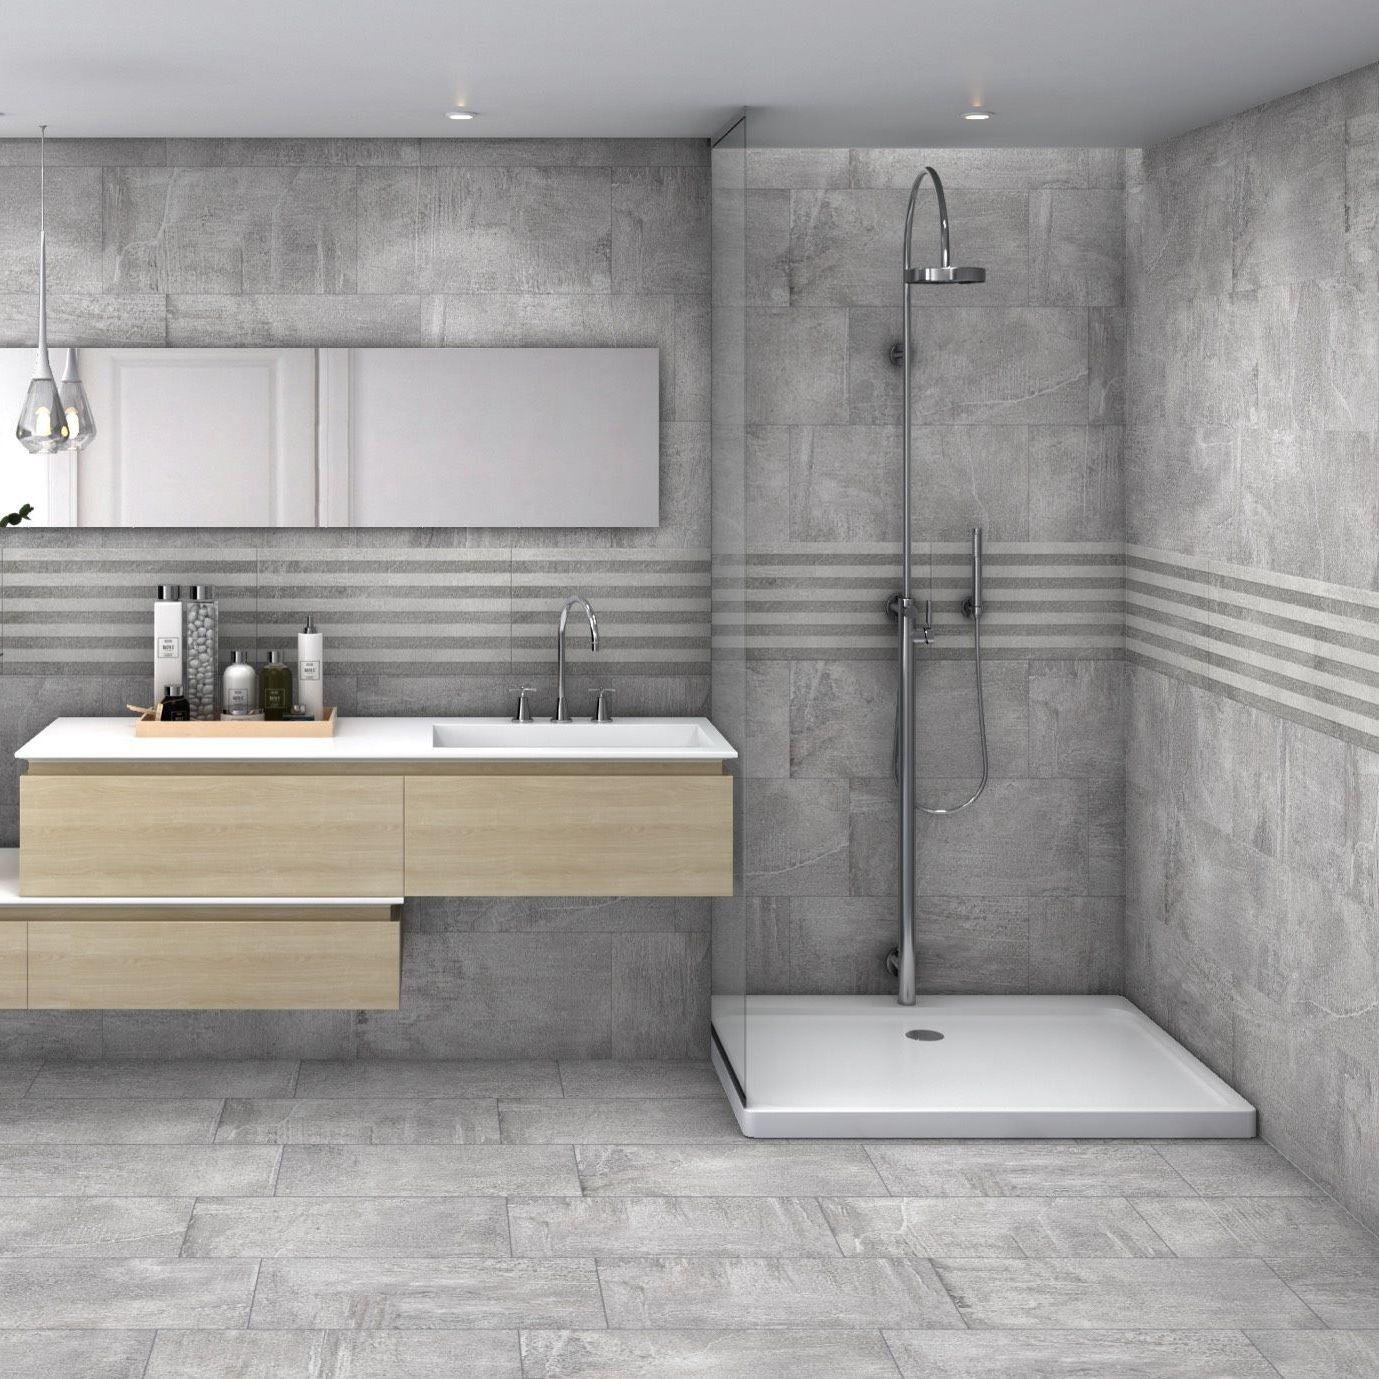 Salle De Bain Motif carrelage de salle de bain / mural / en grès cérame / à